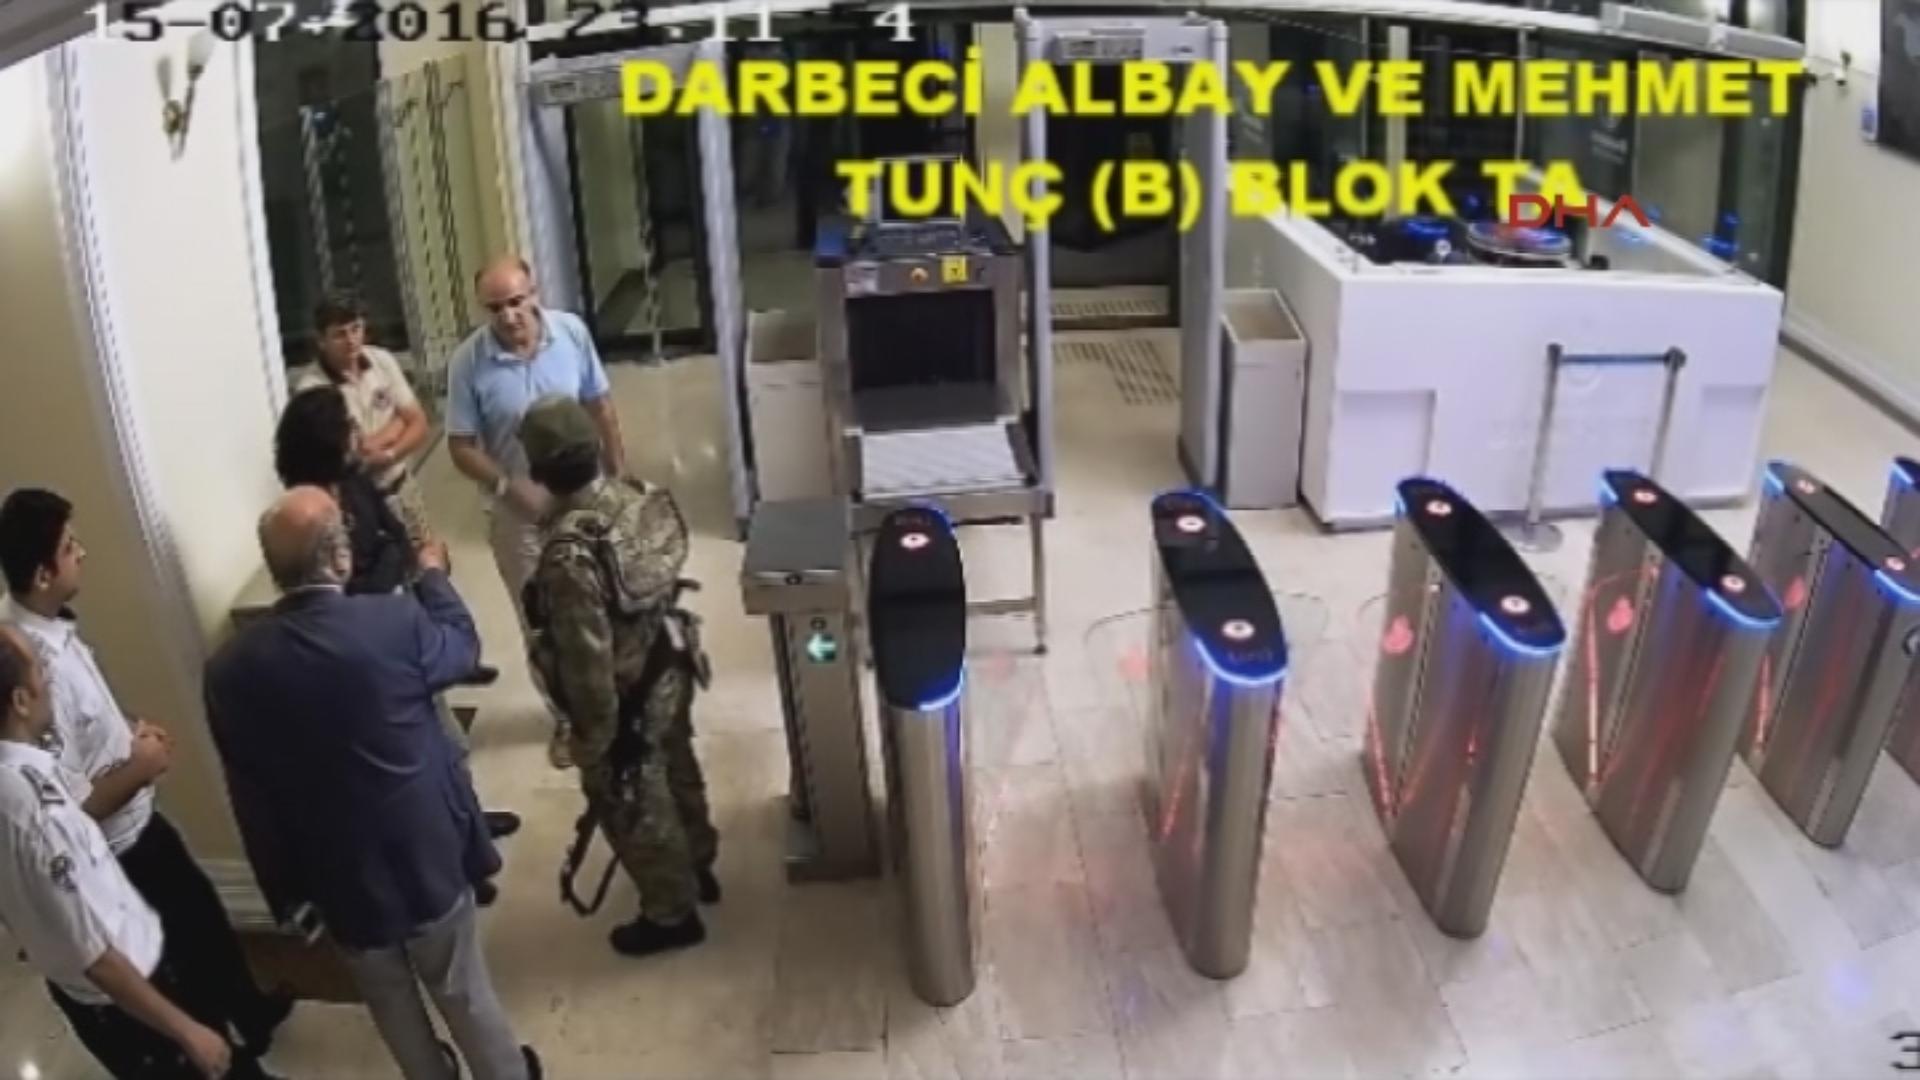 İBB Civil Defense Secretary Mehmet Tunç welcomed coup soldiers at the door.